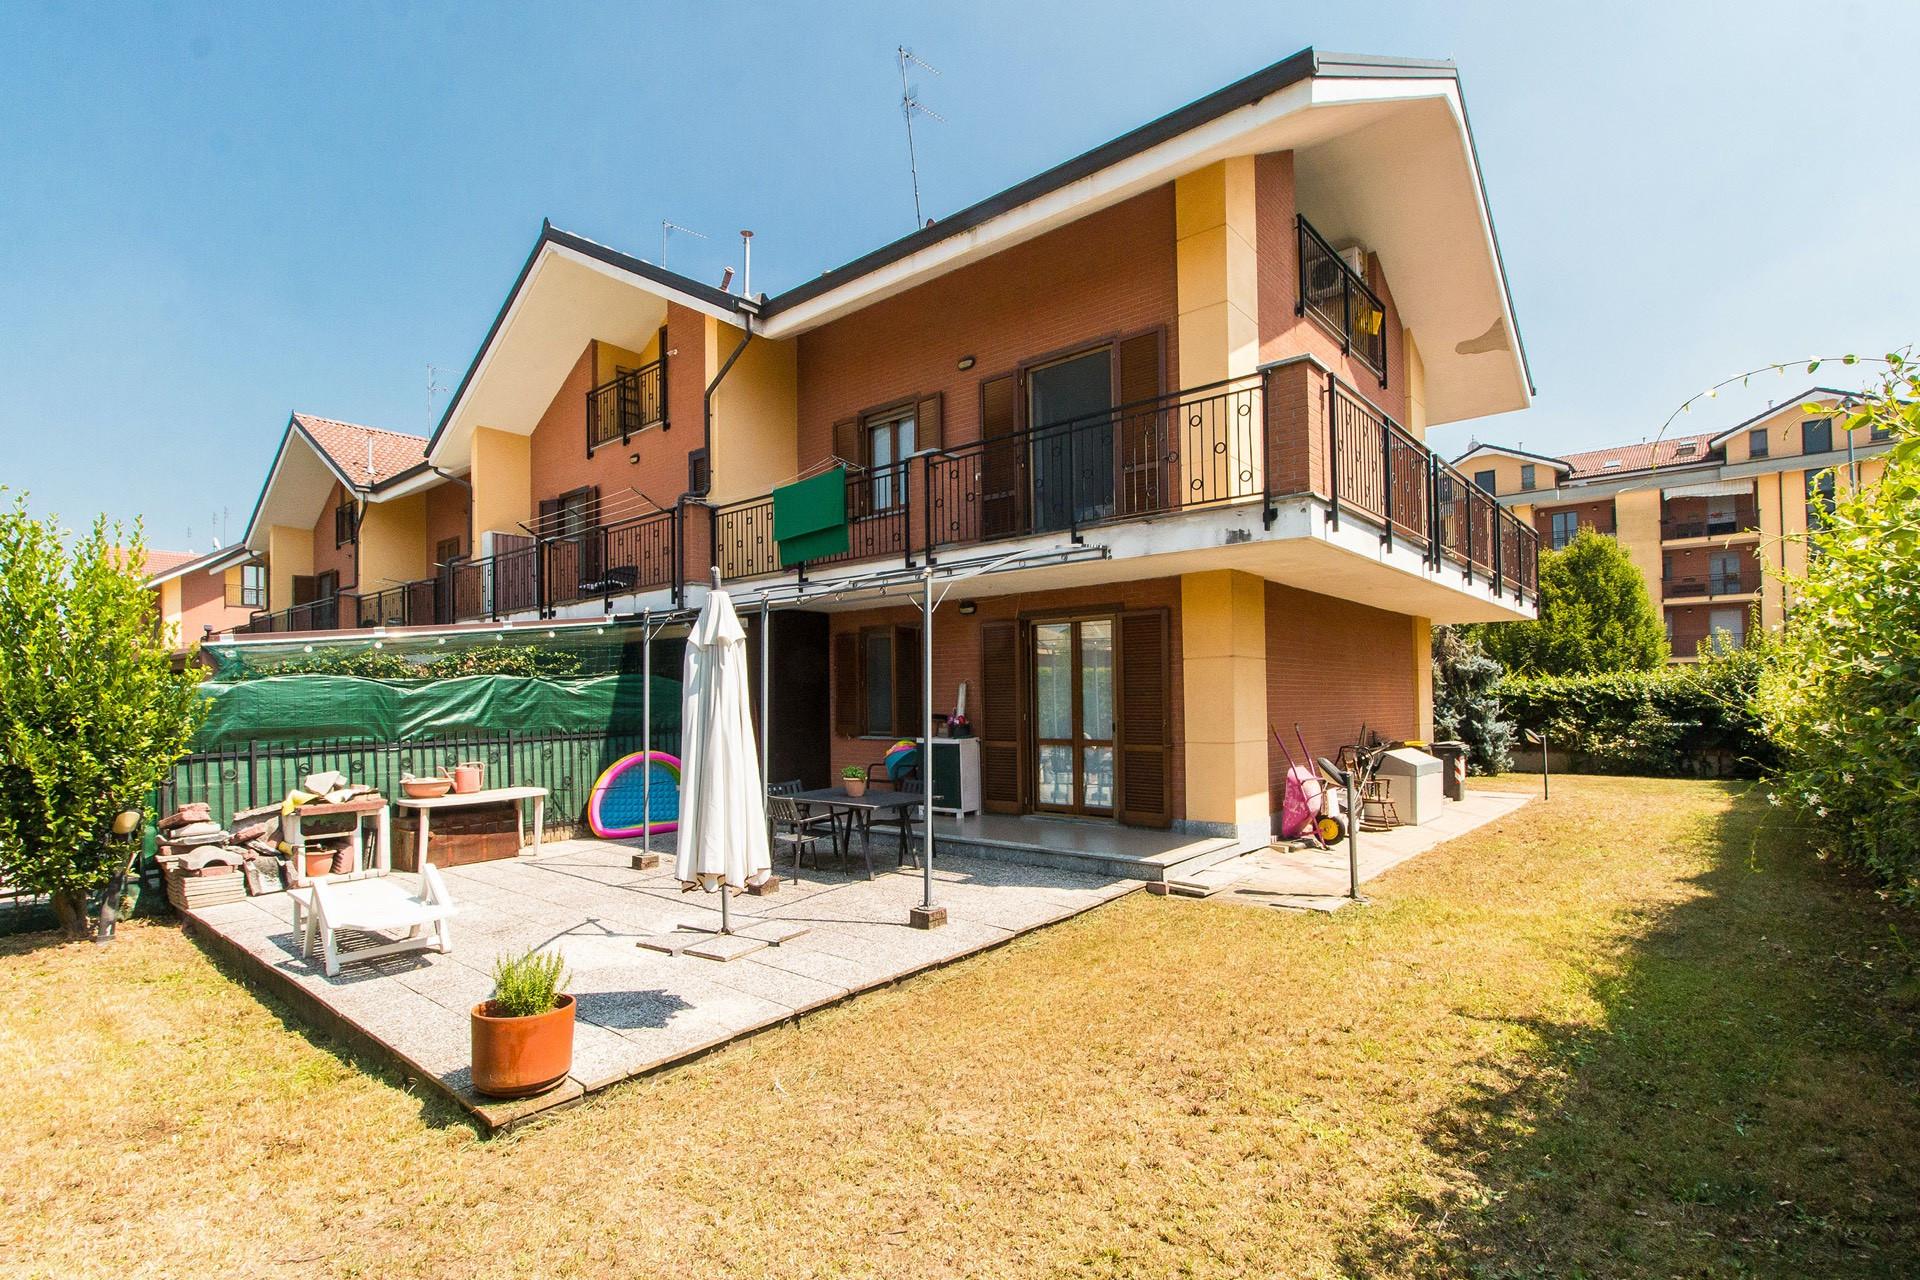 Villa in vendita a Borgaro Torinese, 6 locali, prezzo € 390.000 | PortaleAgenzieImmobiliari.it